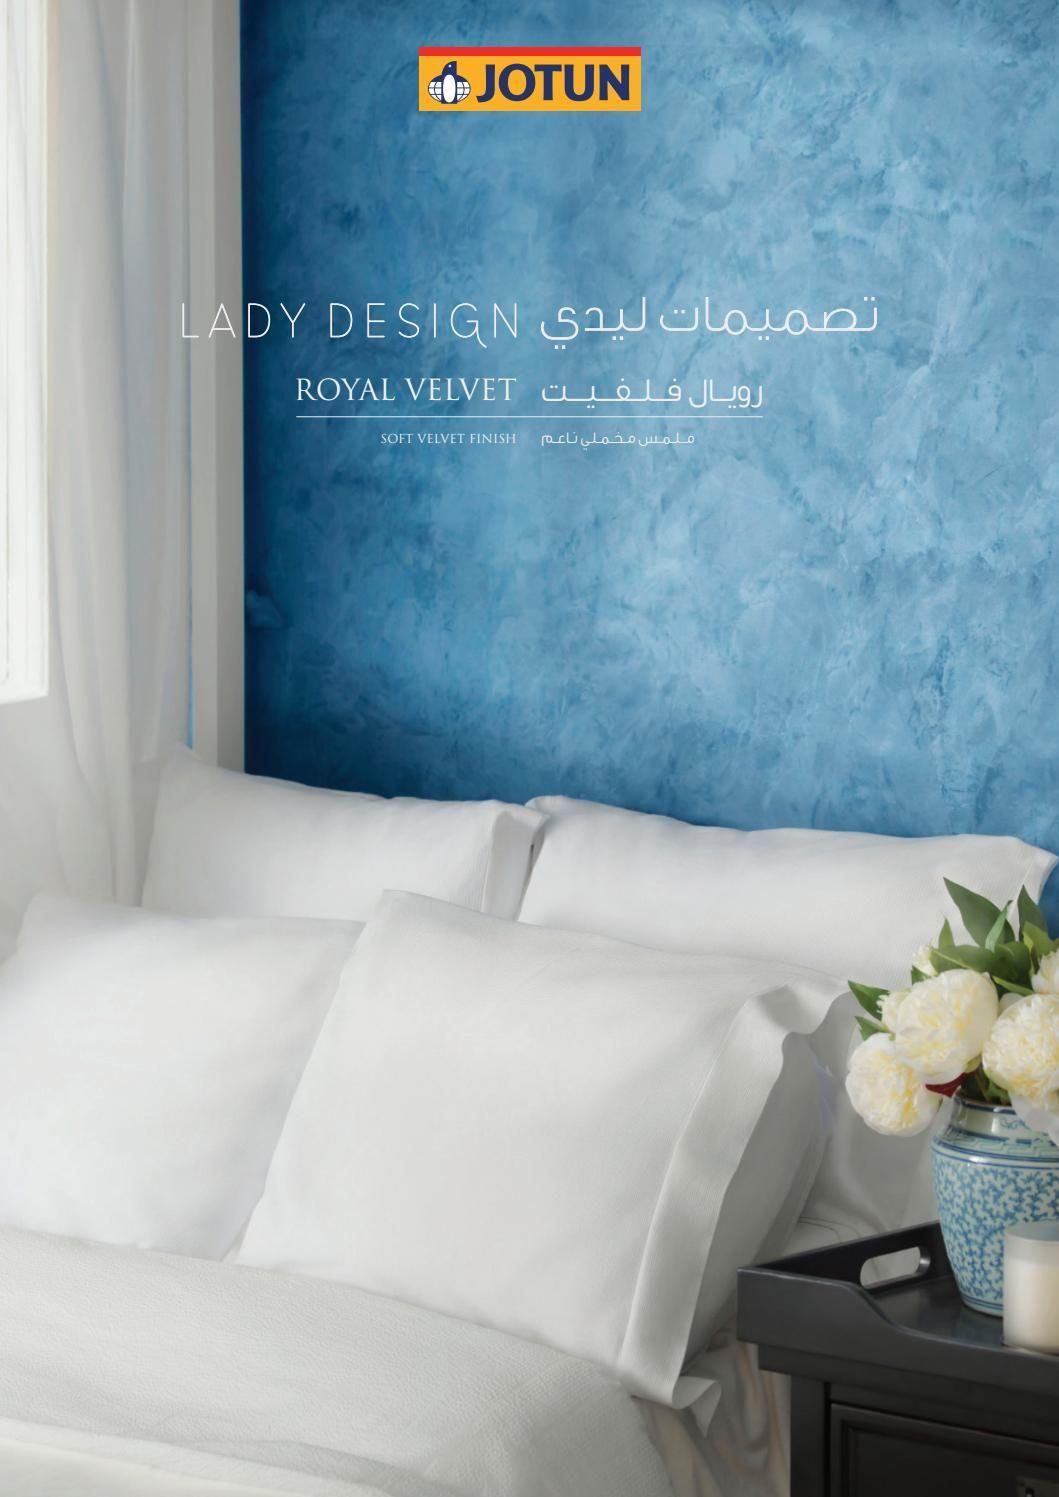 Lady Design Royal Velvet